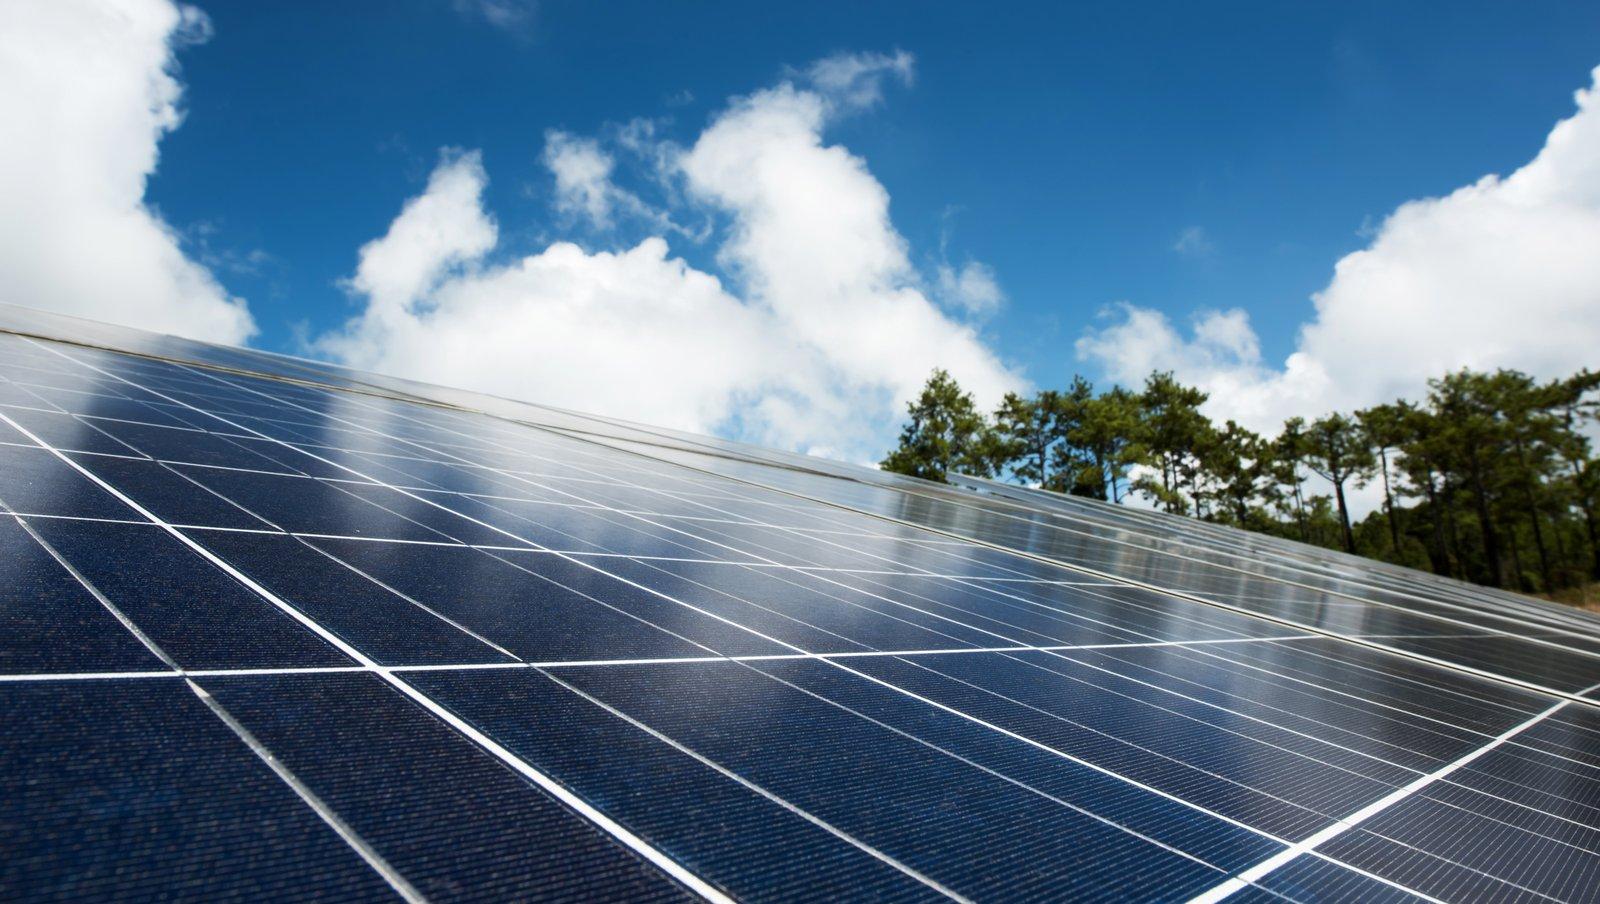 solel-solceller-himmel-foretag-molndal-energi